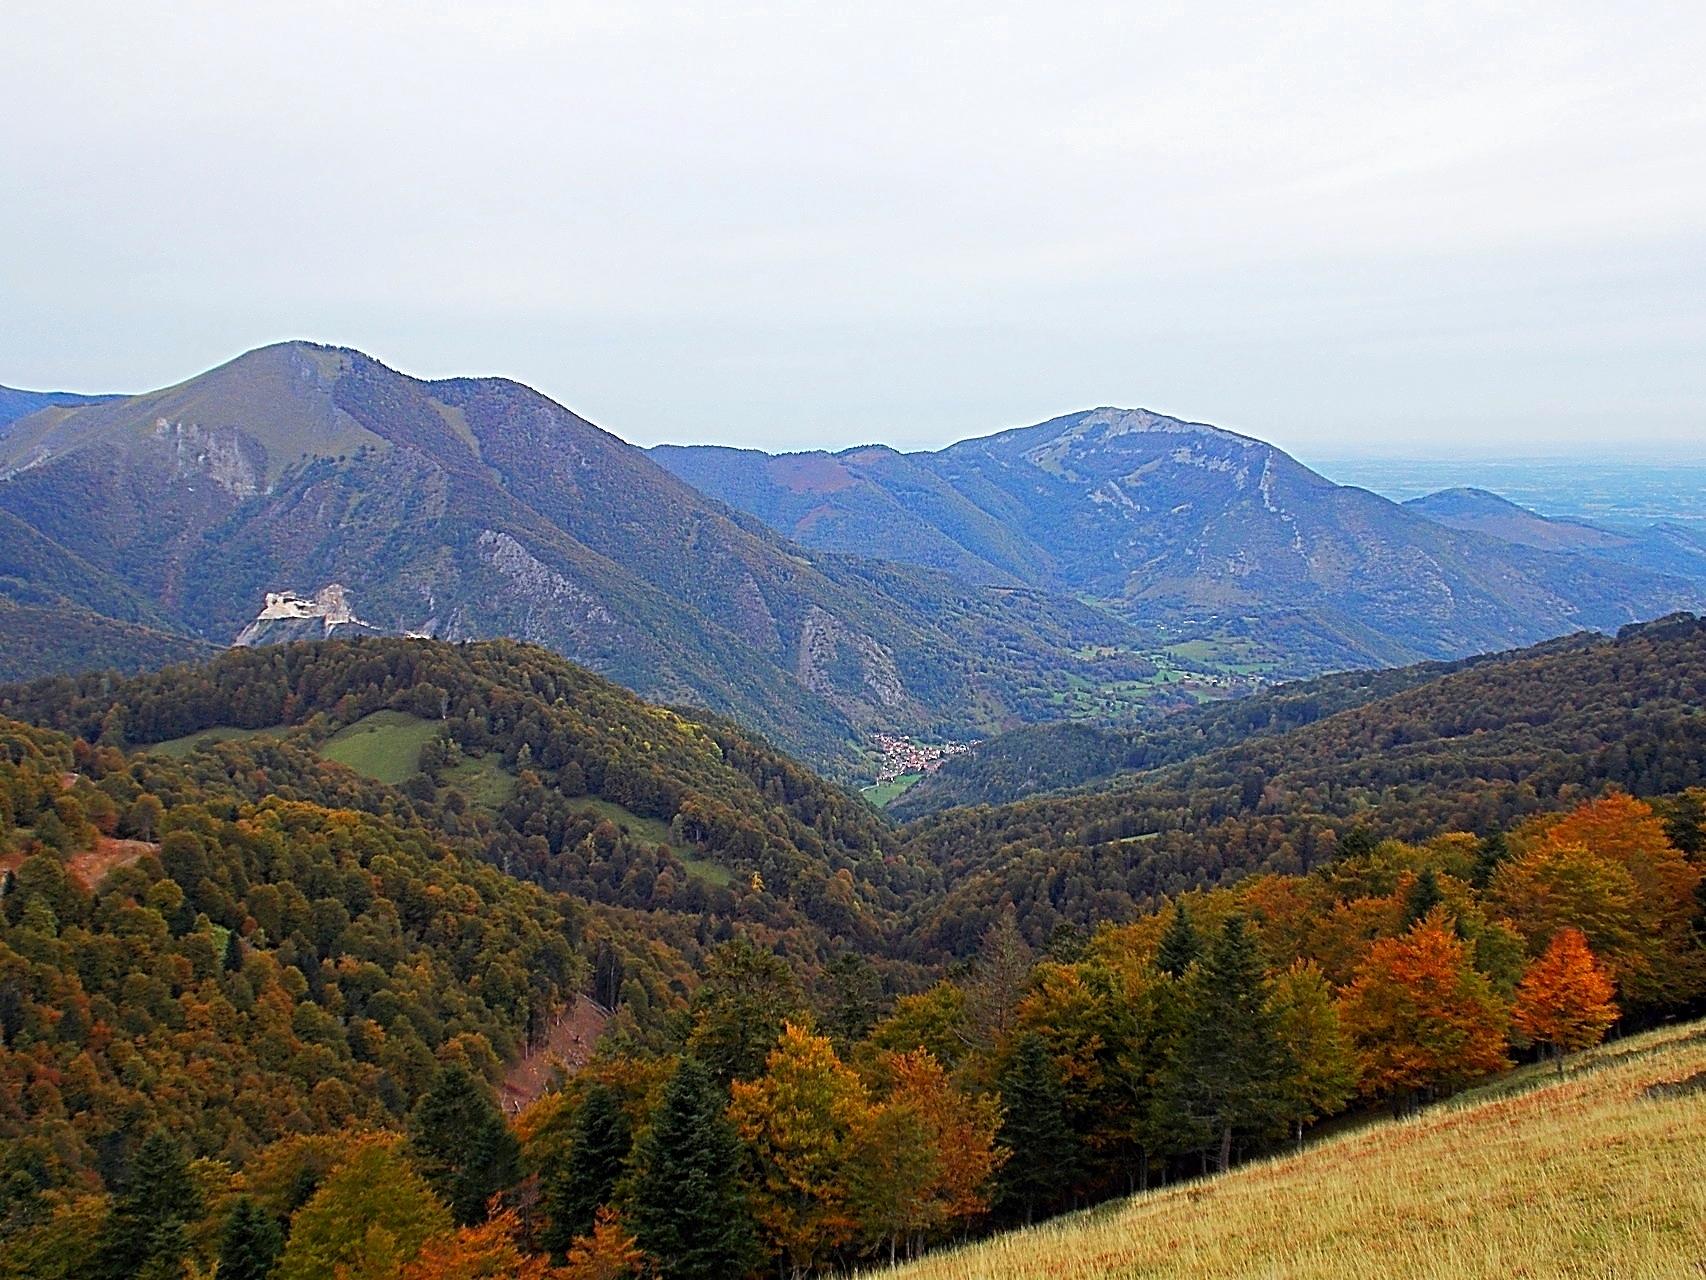 La vallée depuis les estives. Au centre, Sost et à gauche une des carrières de marbre en exploitation.